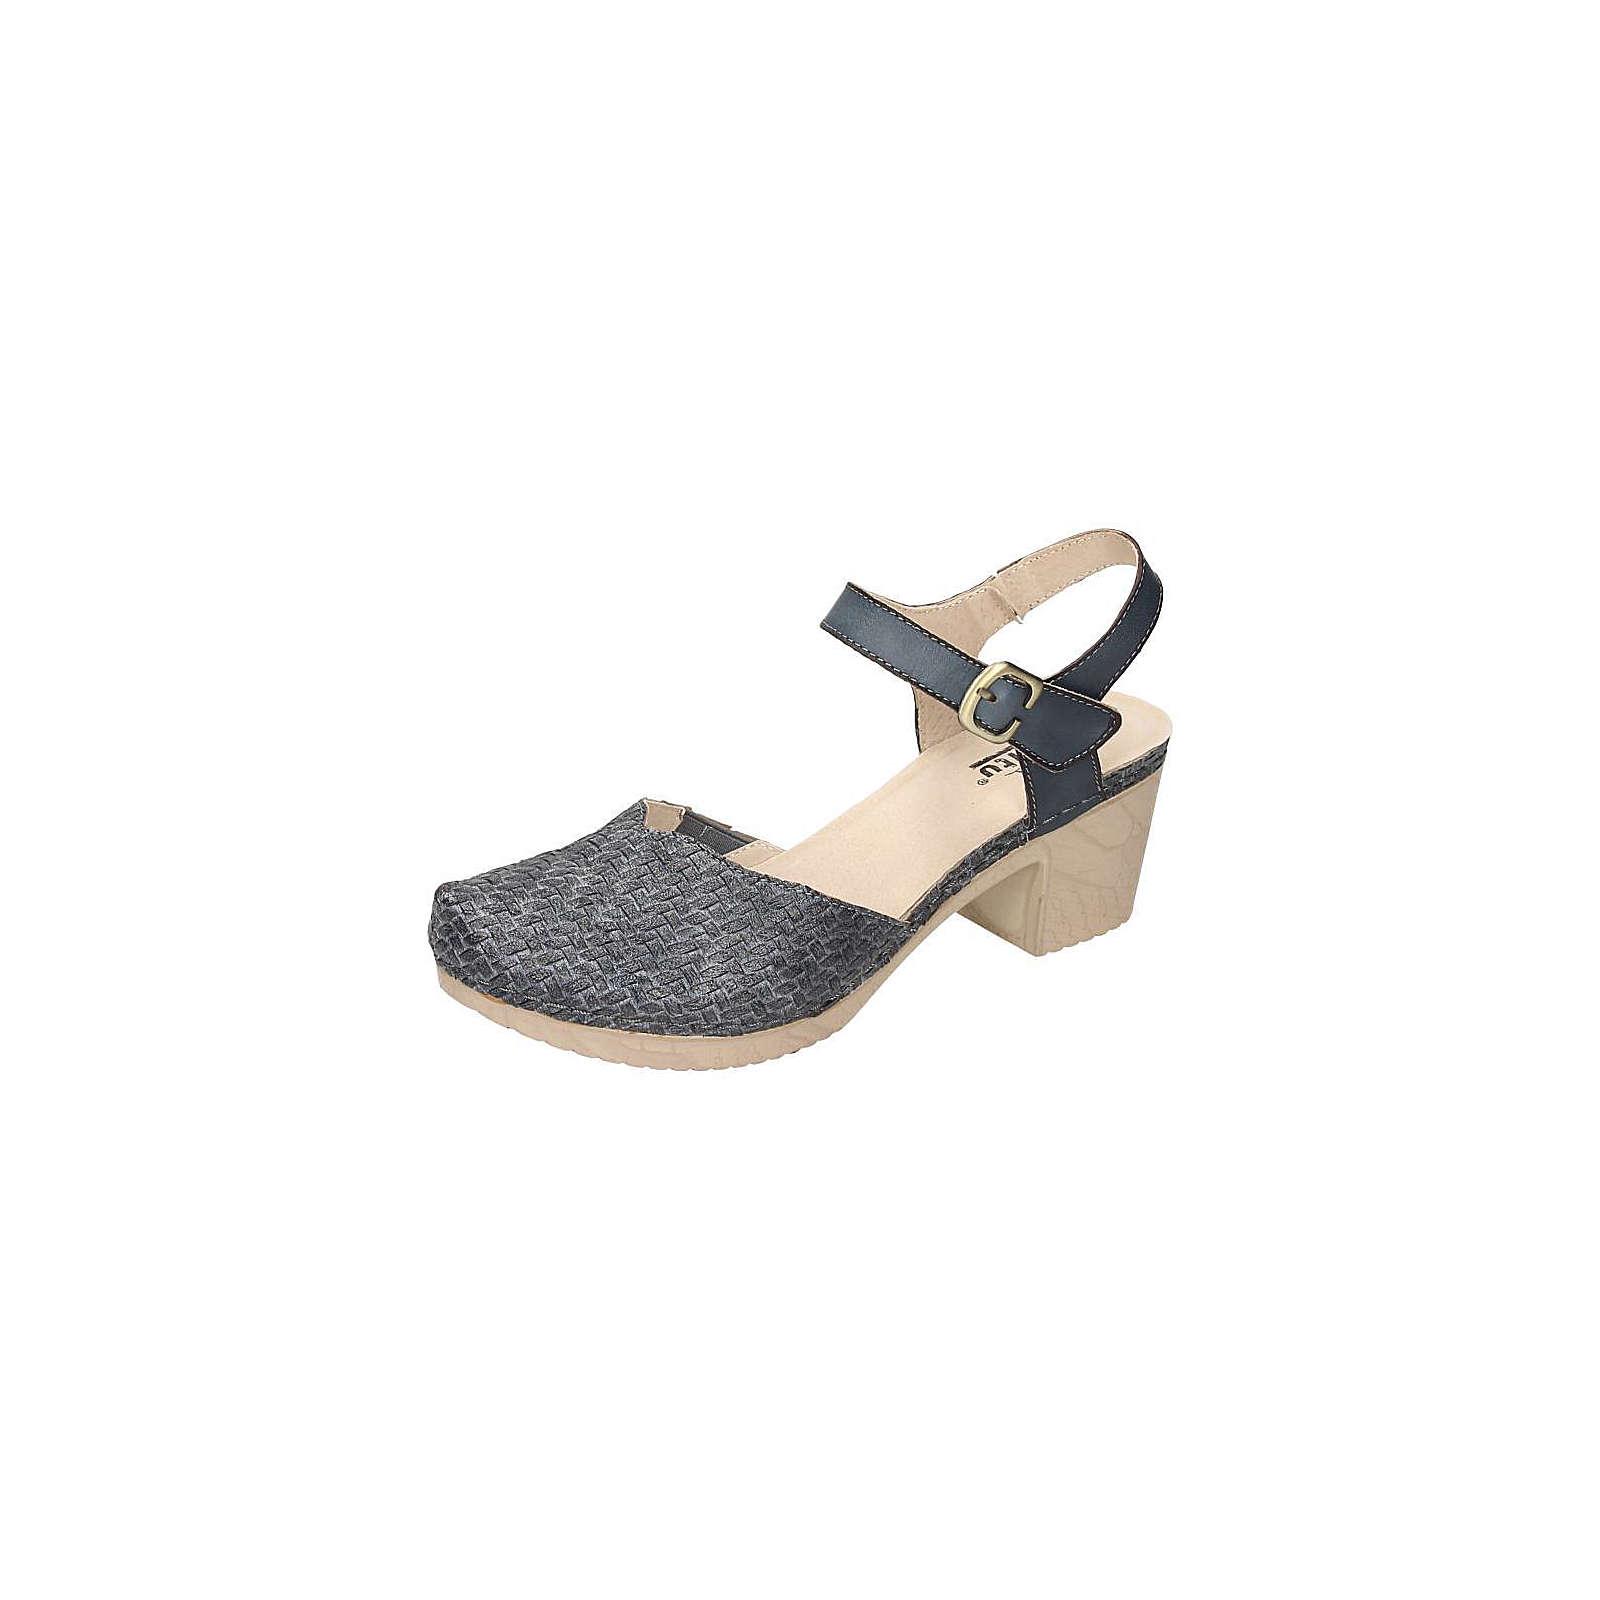 Manitu Damen Sandalette Klassische Sandaletten grau Damen Gr. 37